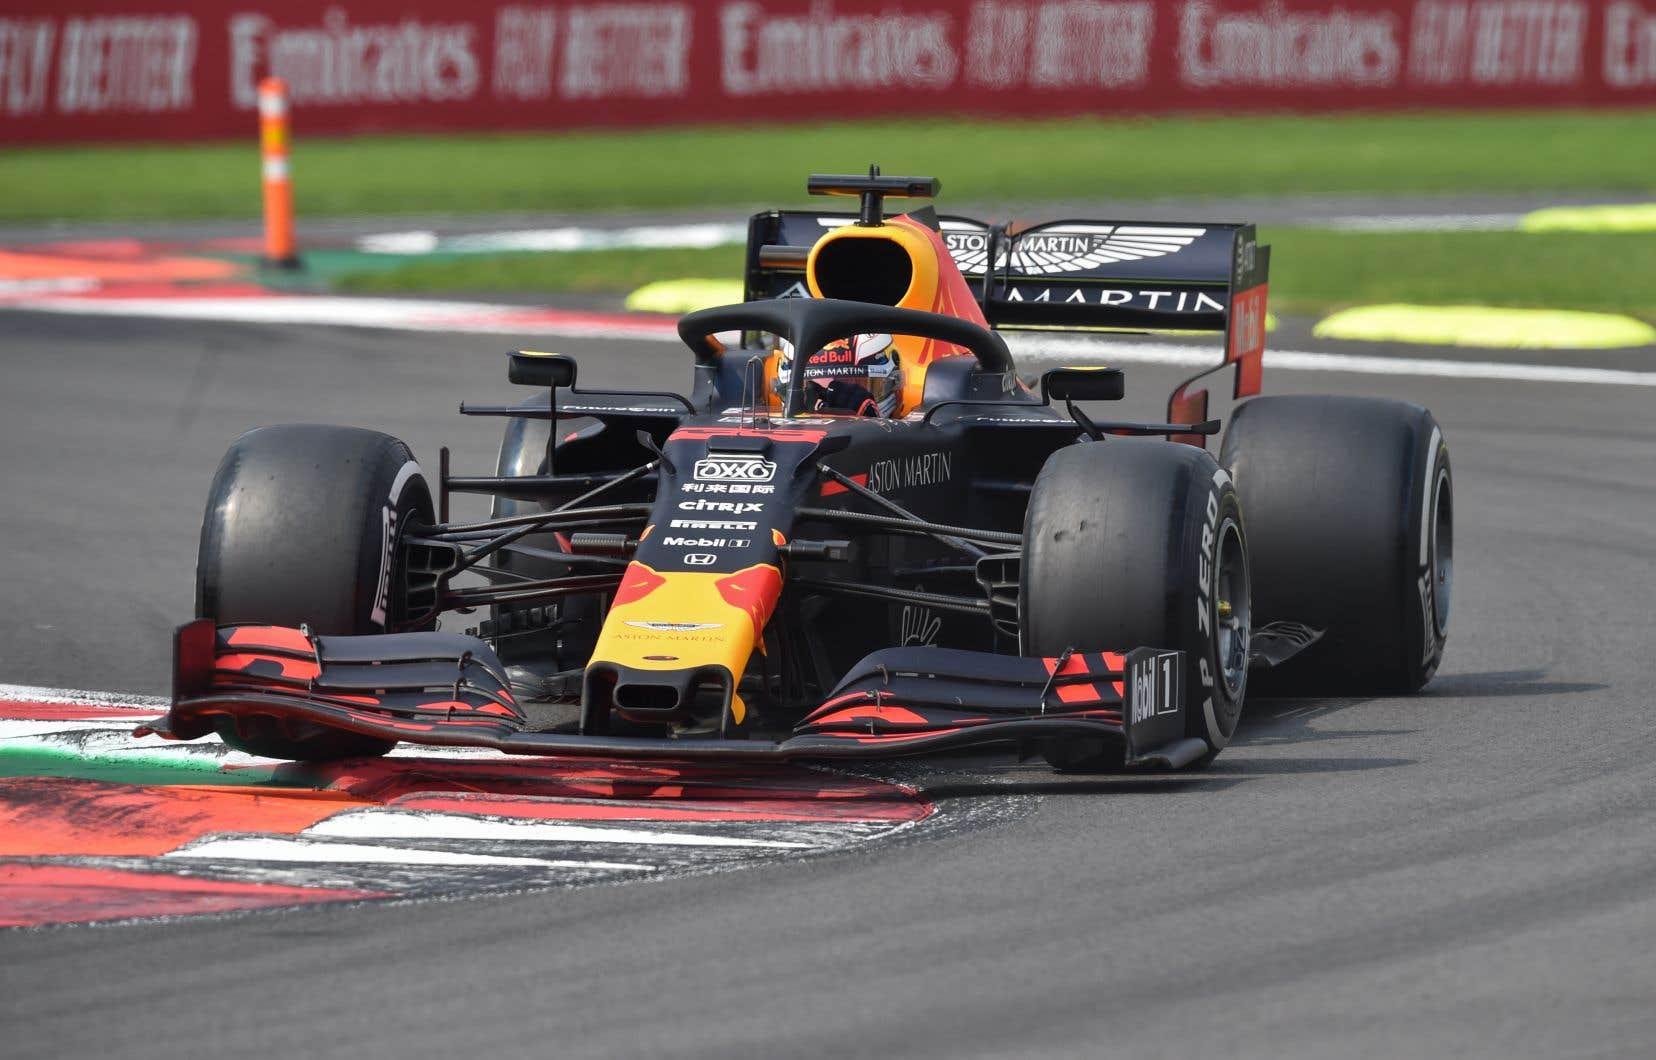 Le pilote Red Bull Max Verstappena atteint la sixième place au Grand Prix du Mexique, dimanche dernier.